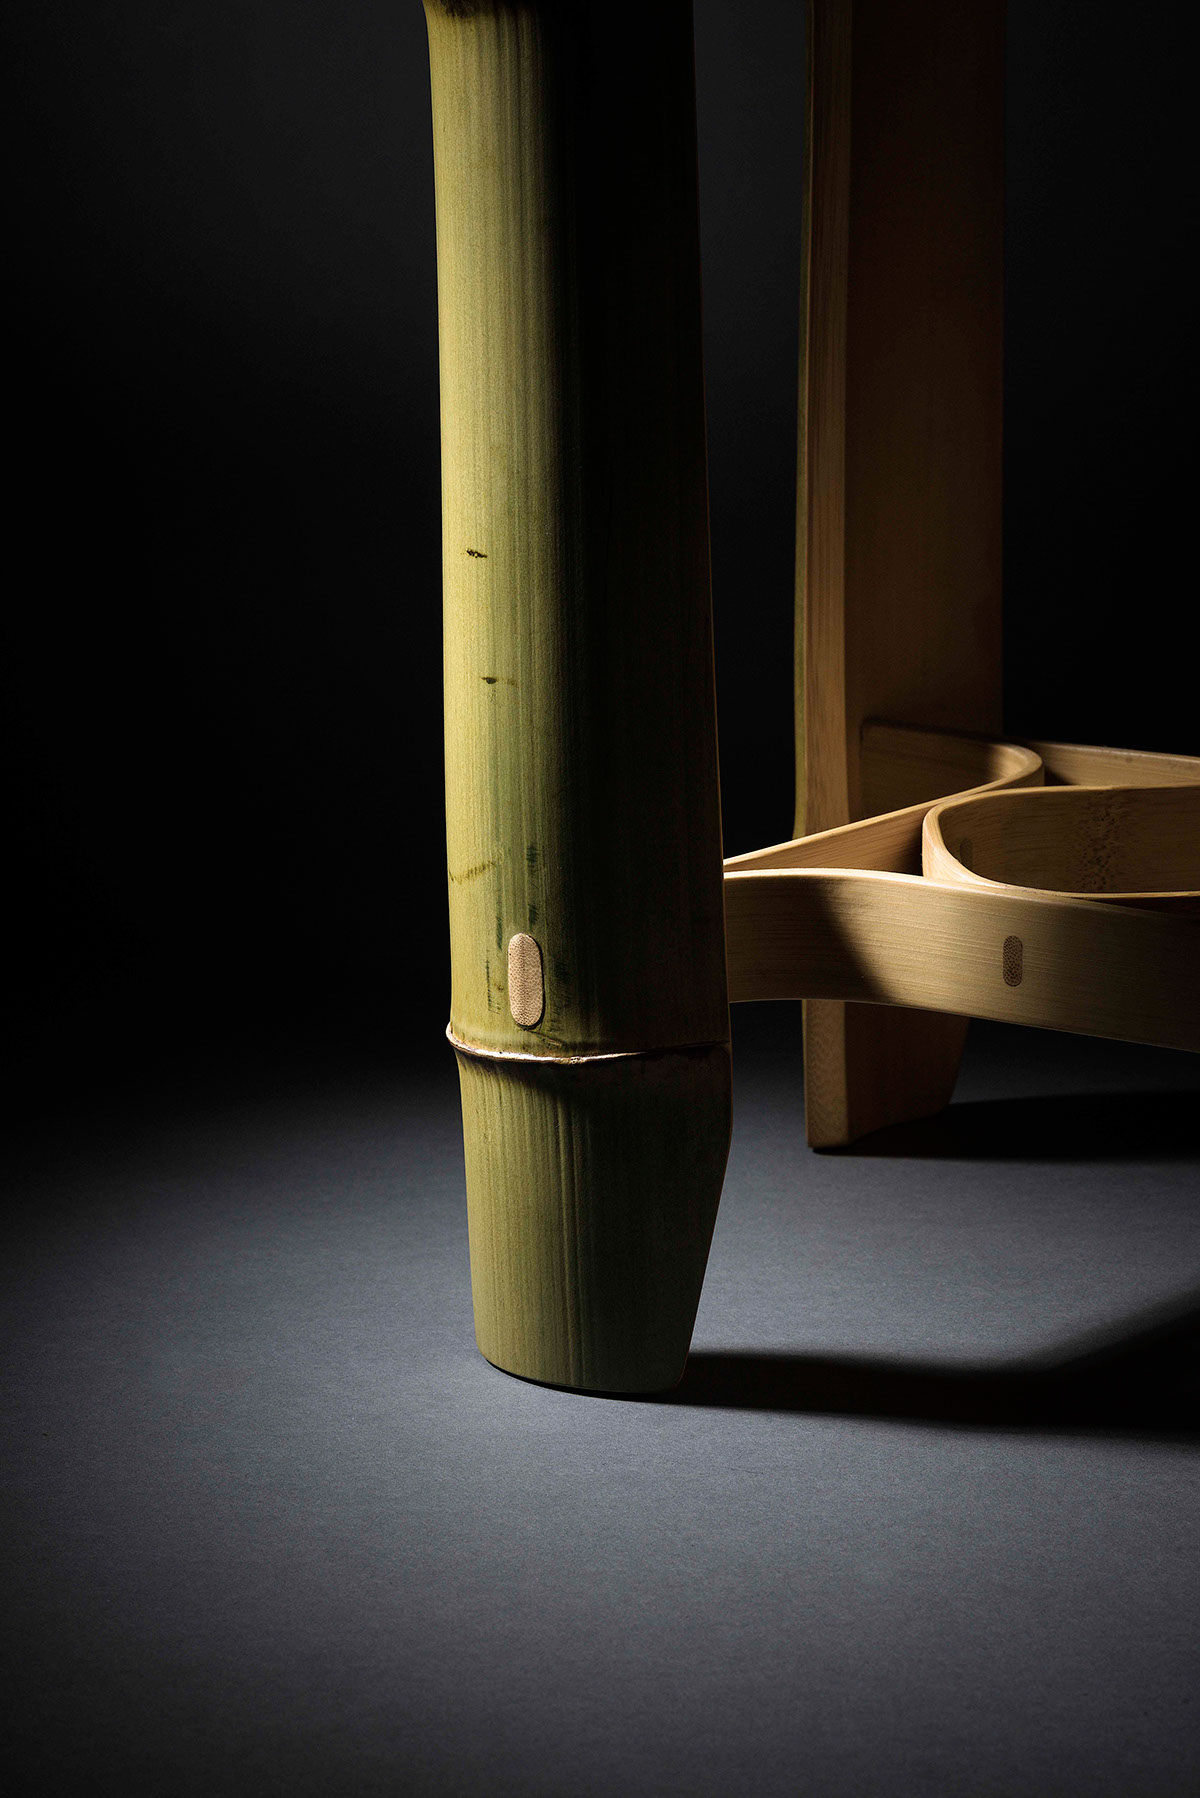 Ching-chair-hisheji (14)